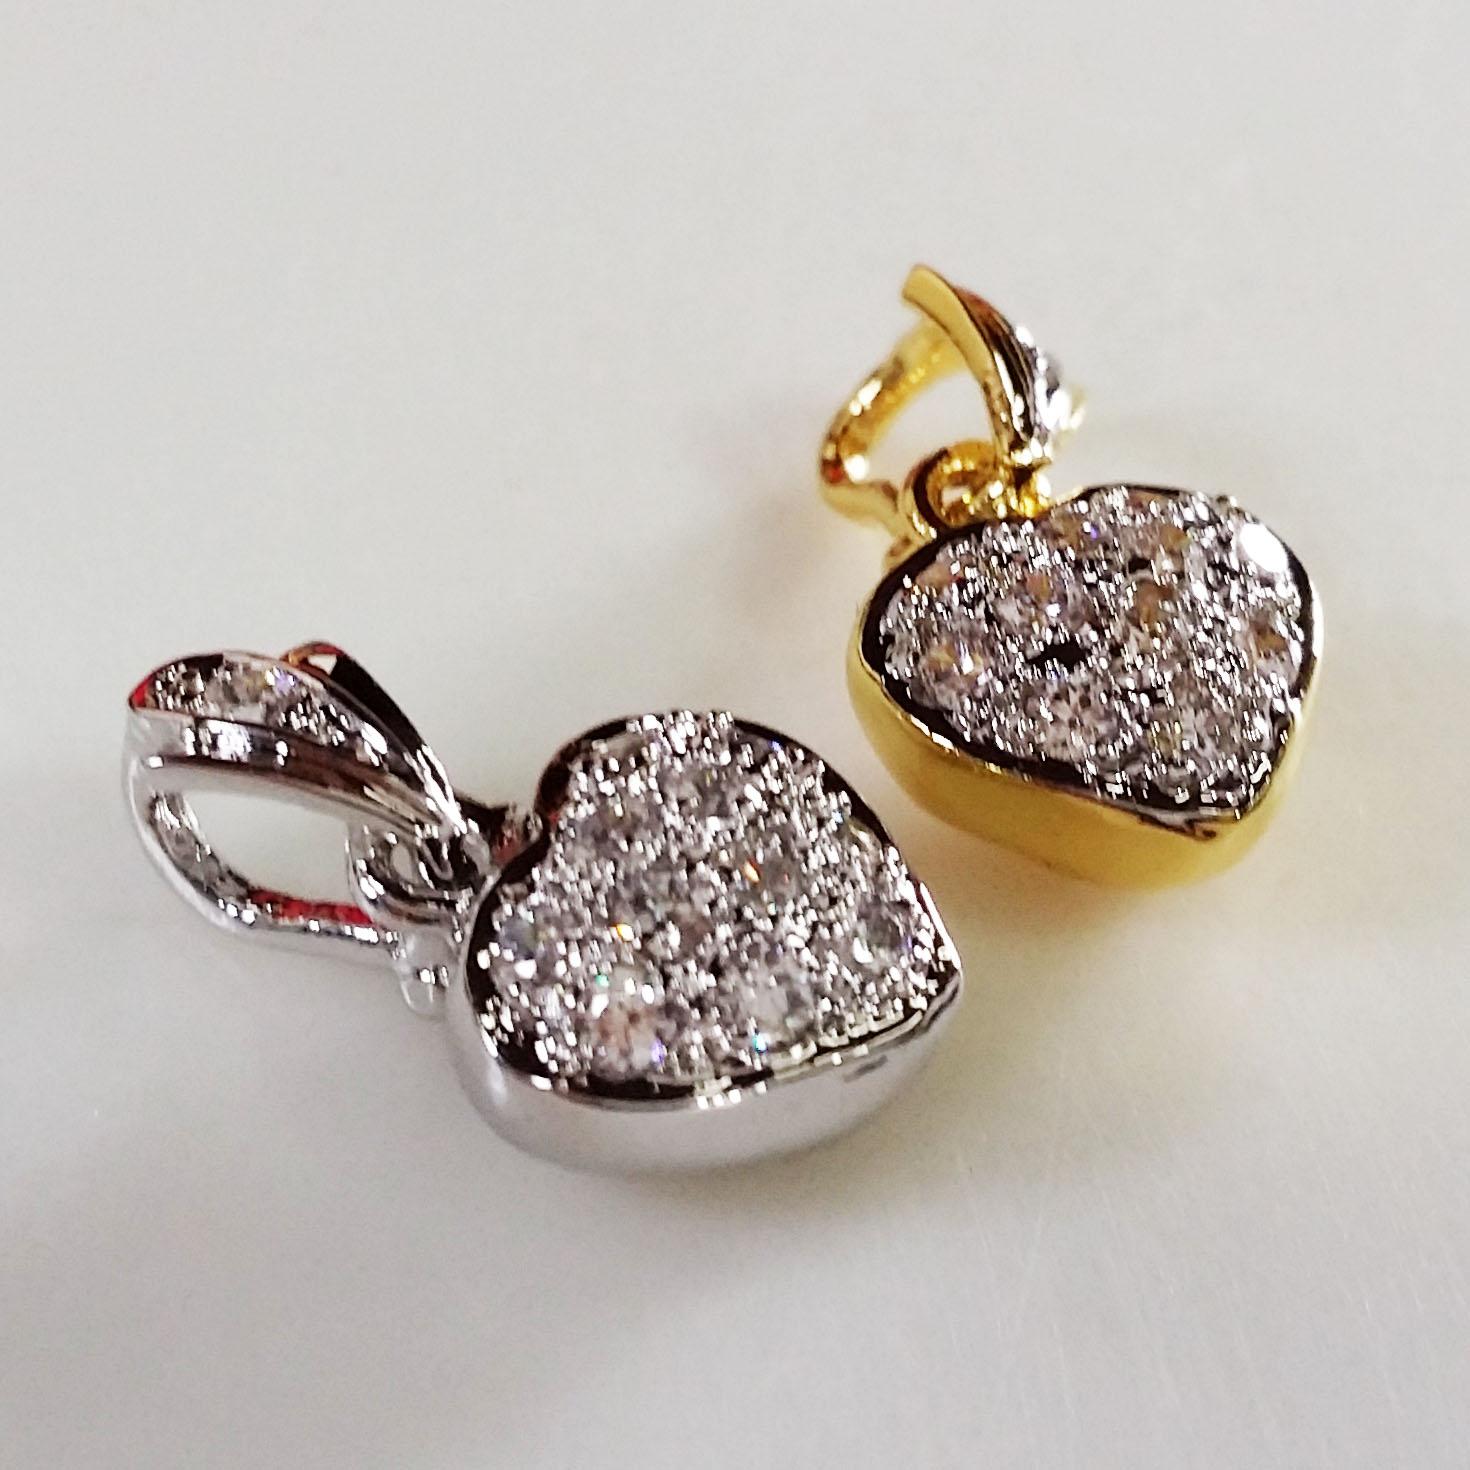 จี้เพชรรูปหัวใจเล็ก gold plated / white gold plated